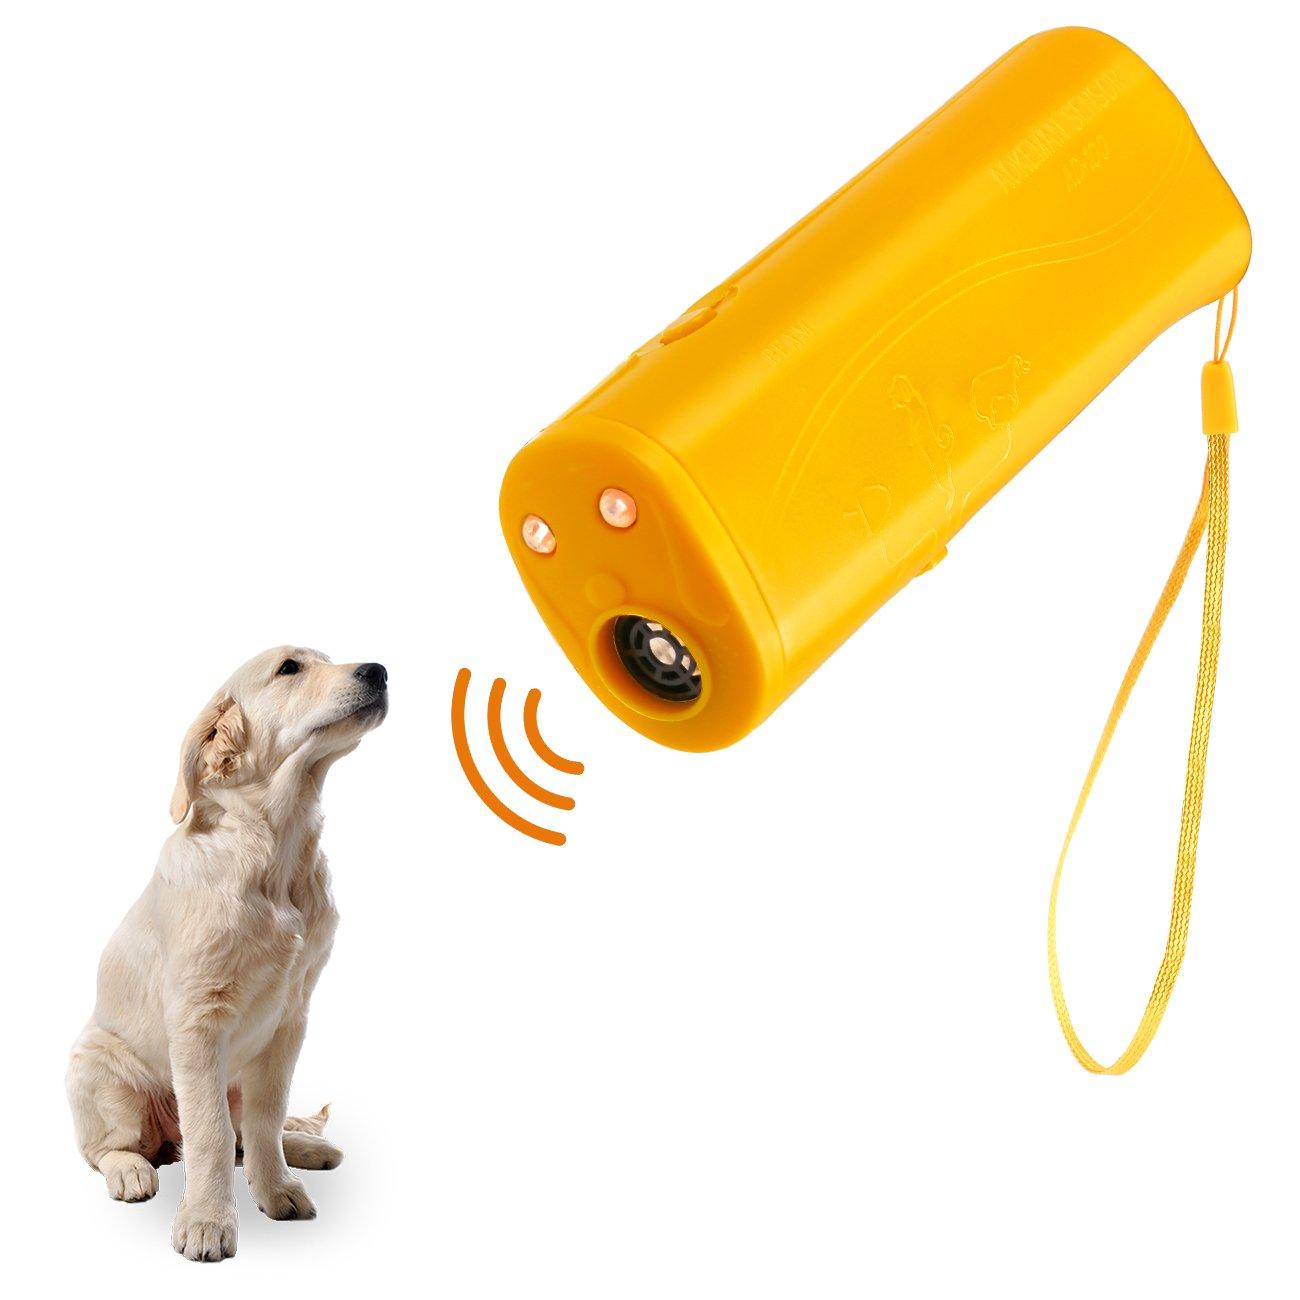 Handheld Dog Repellent, Dog Bark Control Device Dog Training Device with LED Flashlight